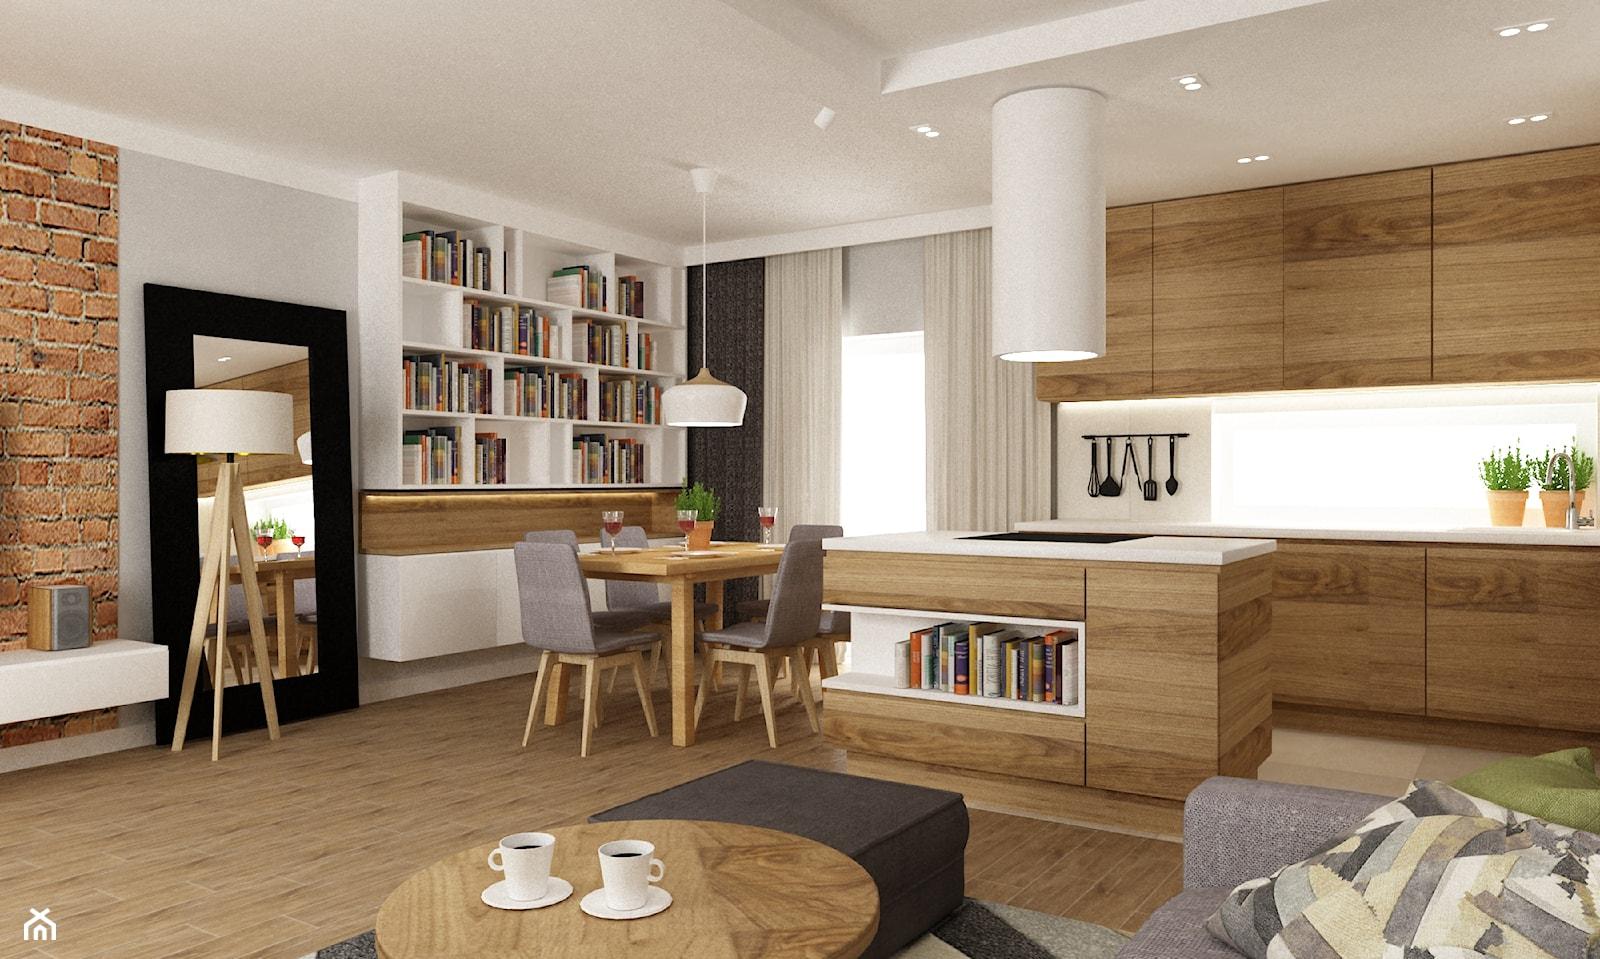 dom ok 100m2 metamorfoza - Mała otwarta biała jadalnia w kuchni w salonie, styl nowoczesny - zdjęcie od Grafika i Projekt architektura wnętrz - Homebook